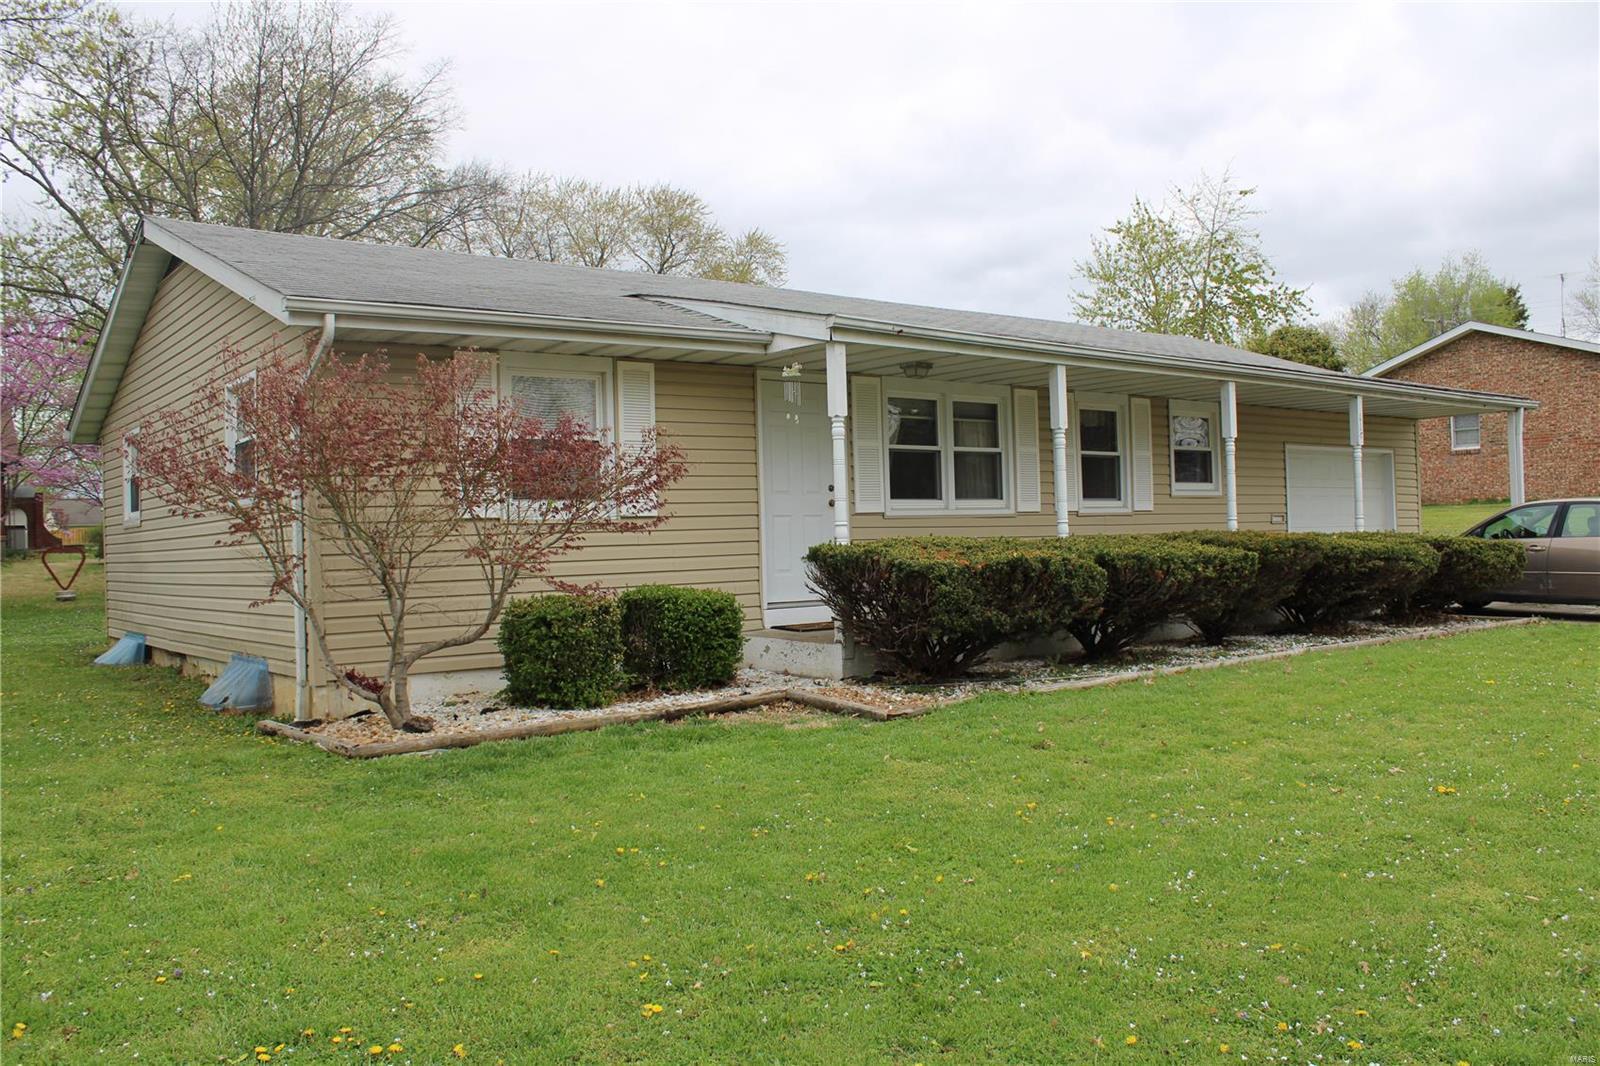 114 Edwards Property Photo 1